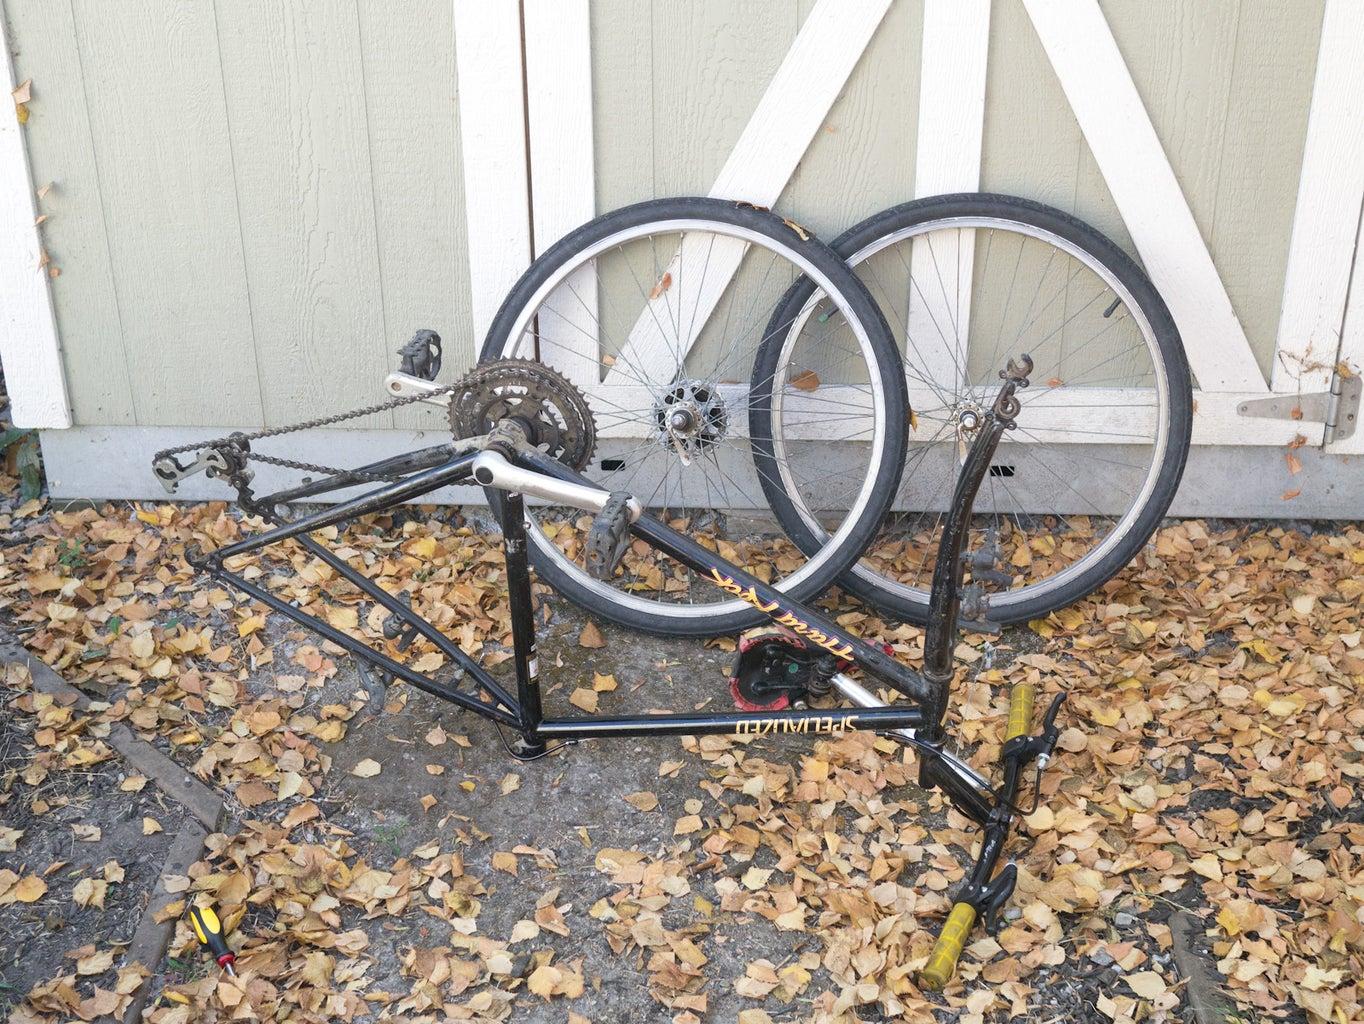 Start Stripping the Bike